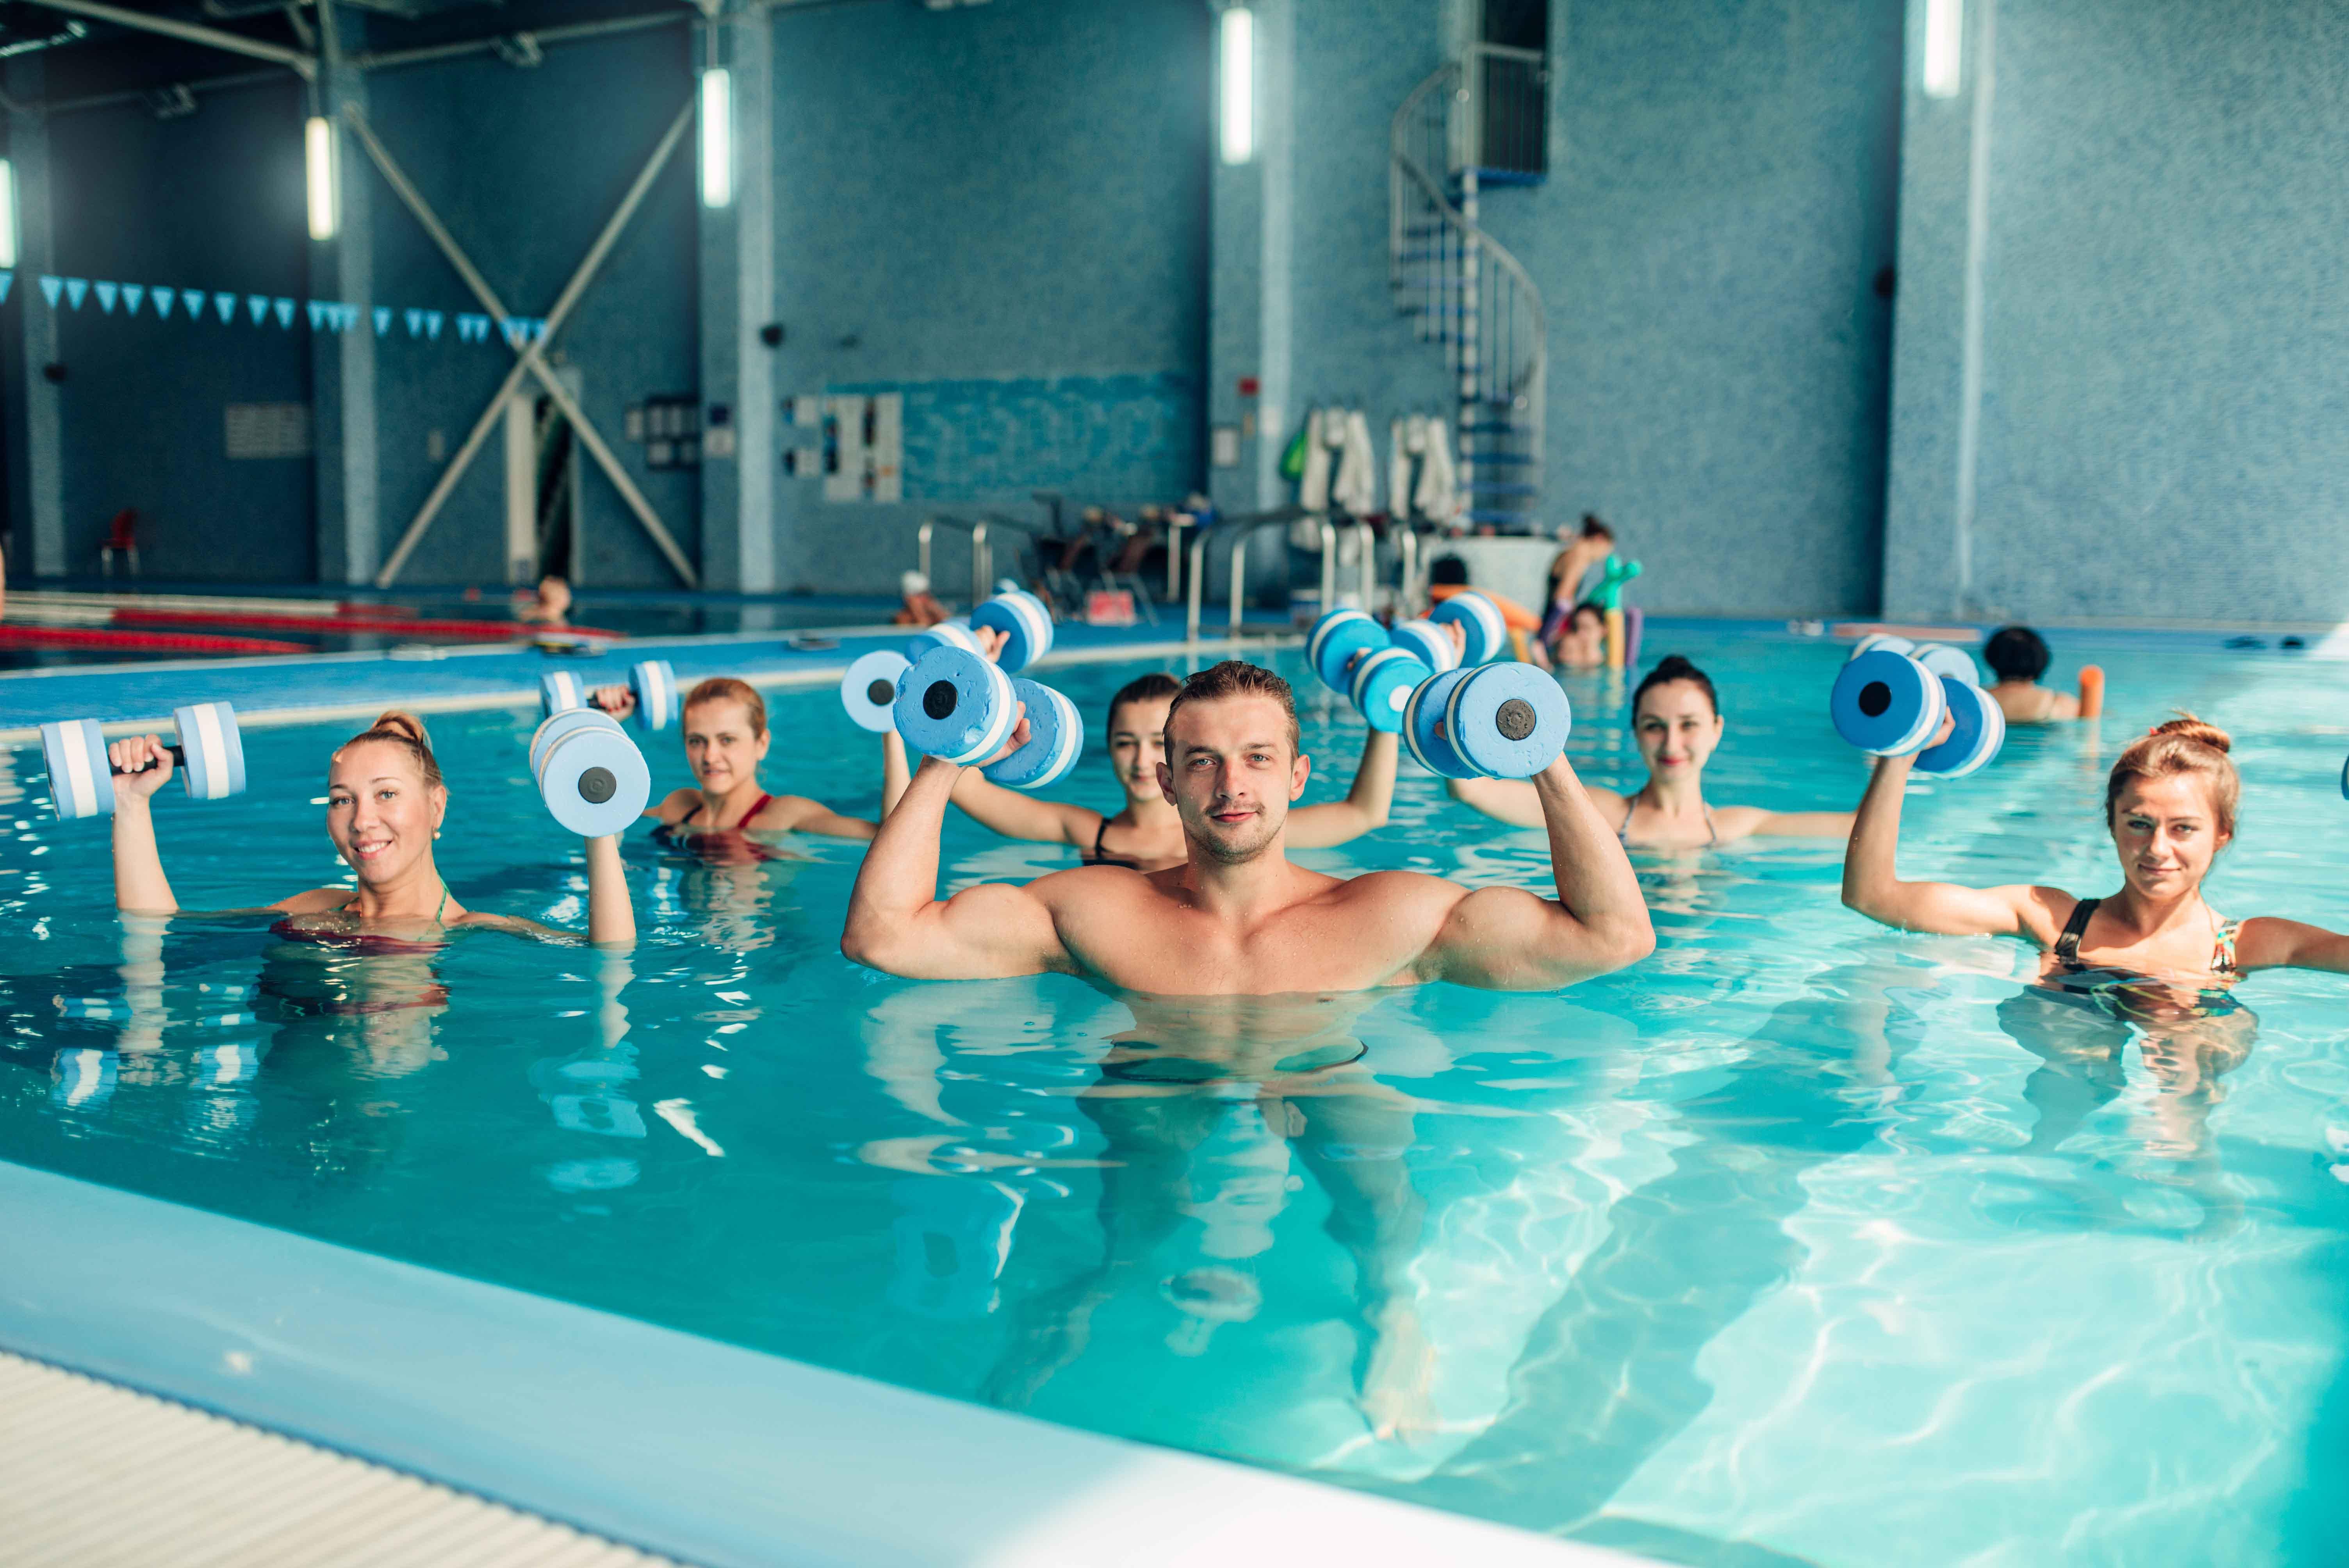 Gente practicando fitness en piscina